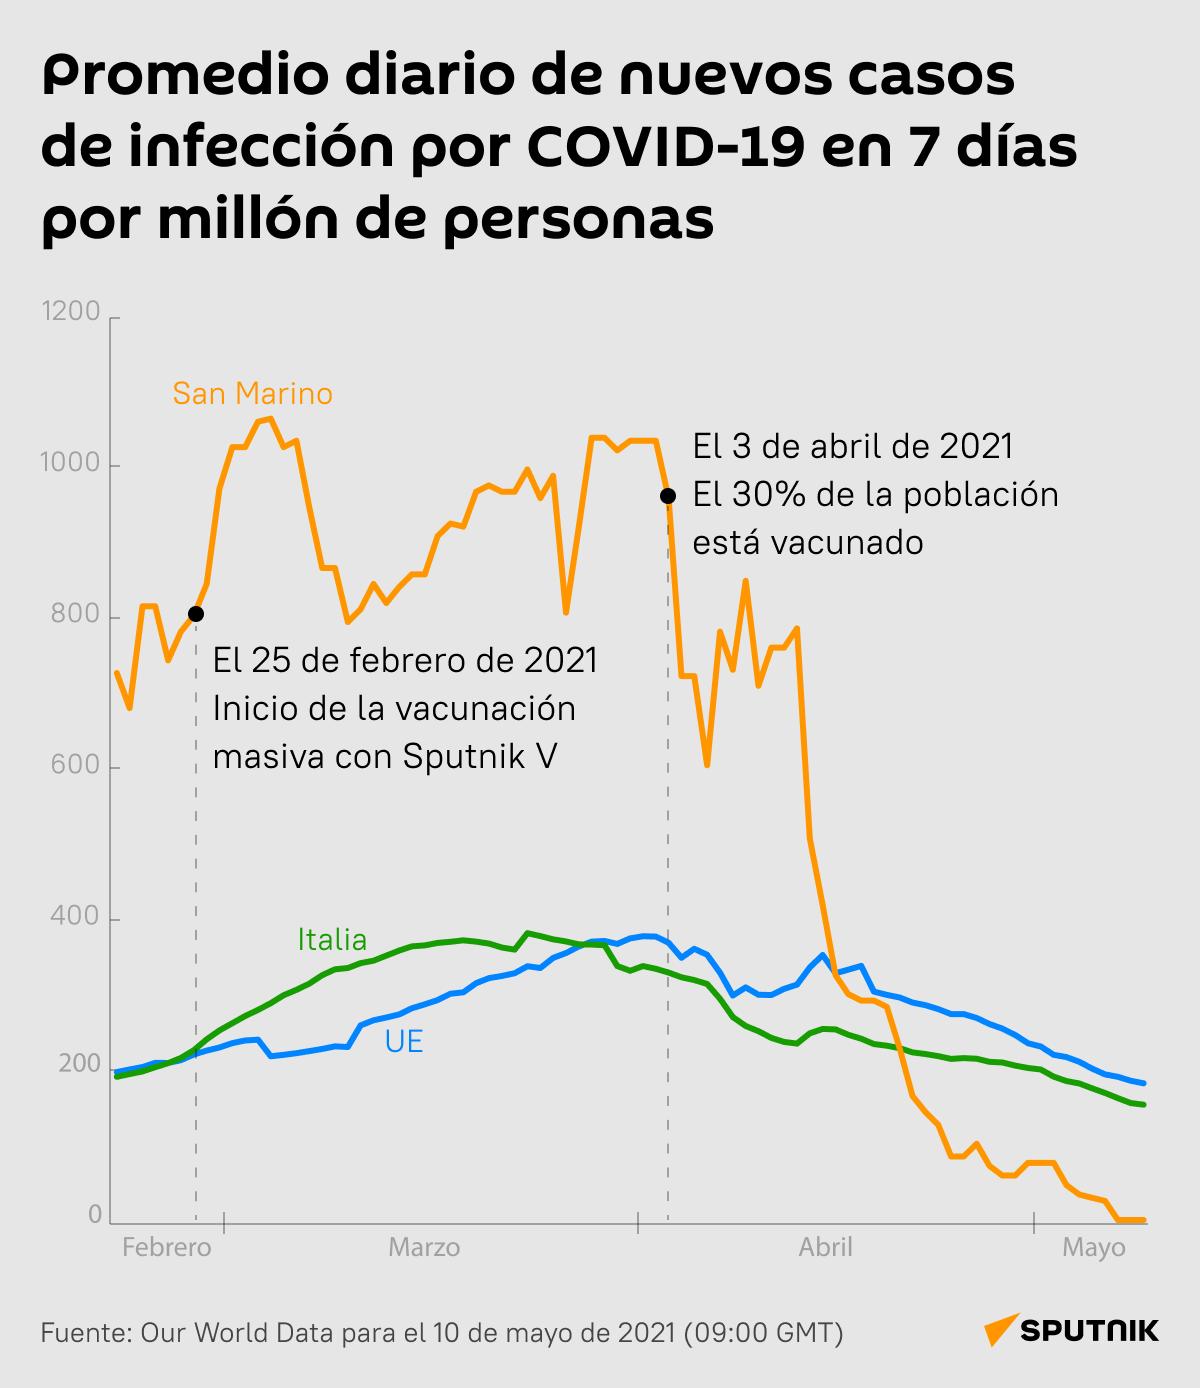 Los casos diarios de COVID-19 en San Marino a comparación con los de Italia y la UE - Sputnik Mundo